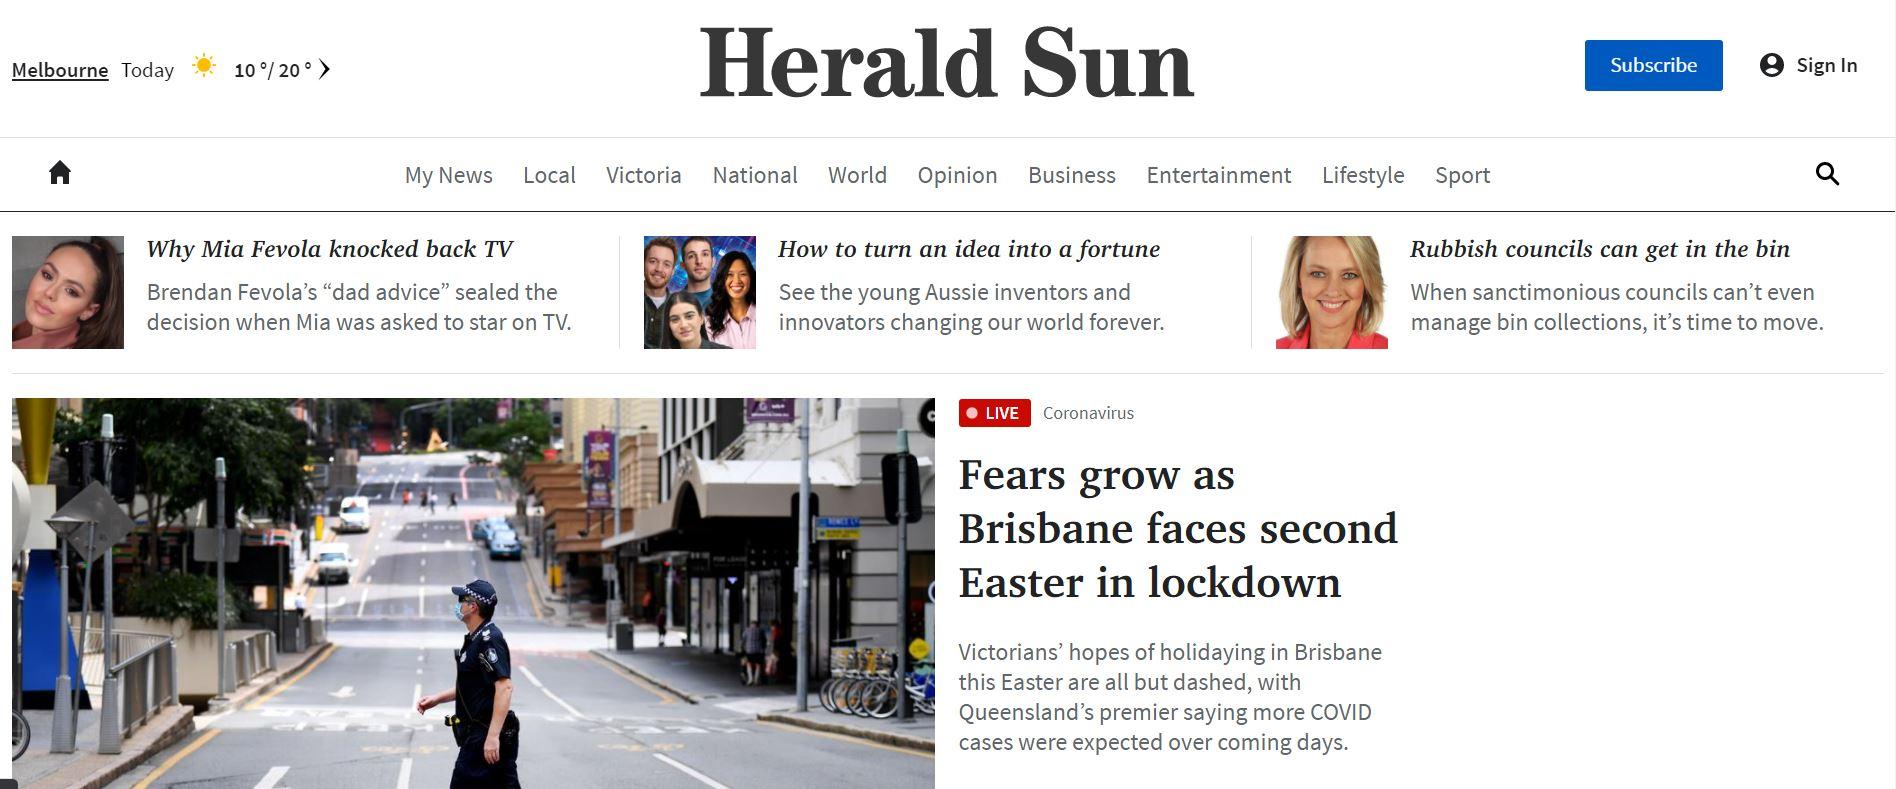 Herald Sun website